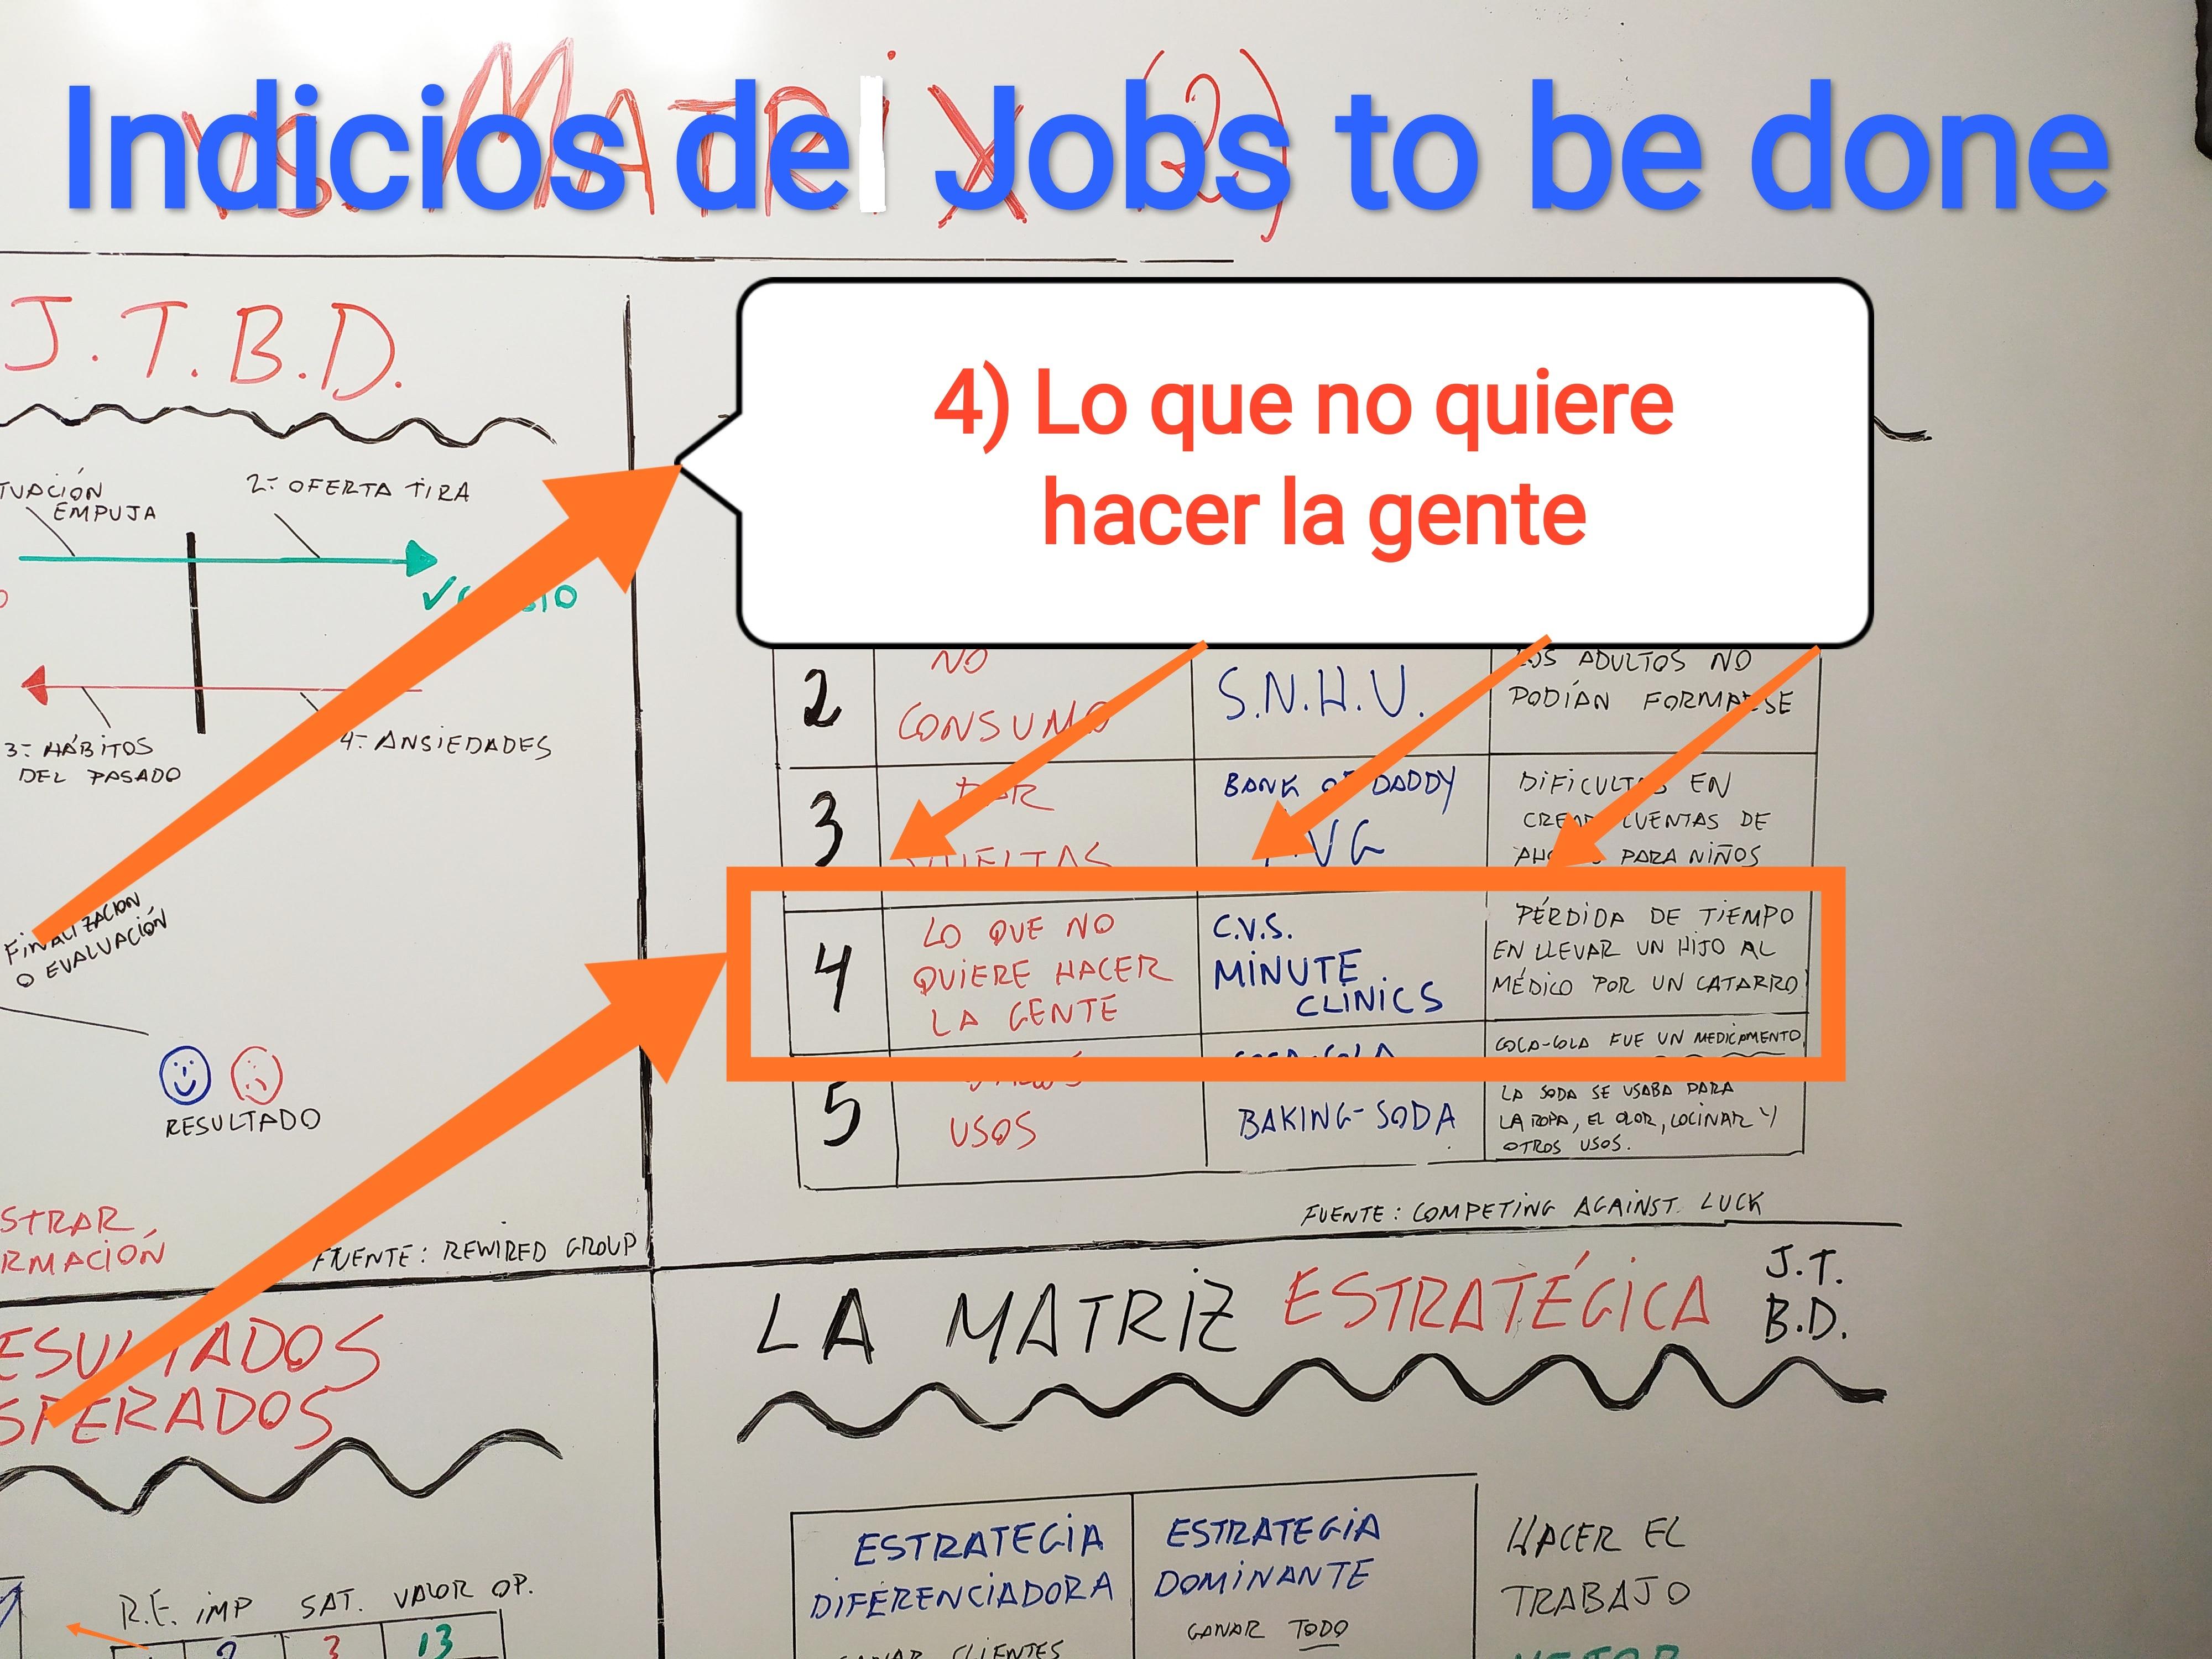 Indicios de Jobs to be done: 4) Lo que no quiere hacer la gente.